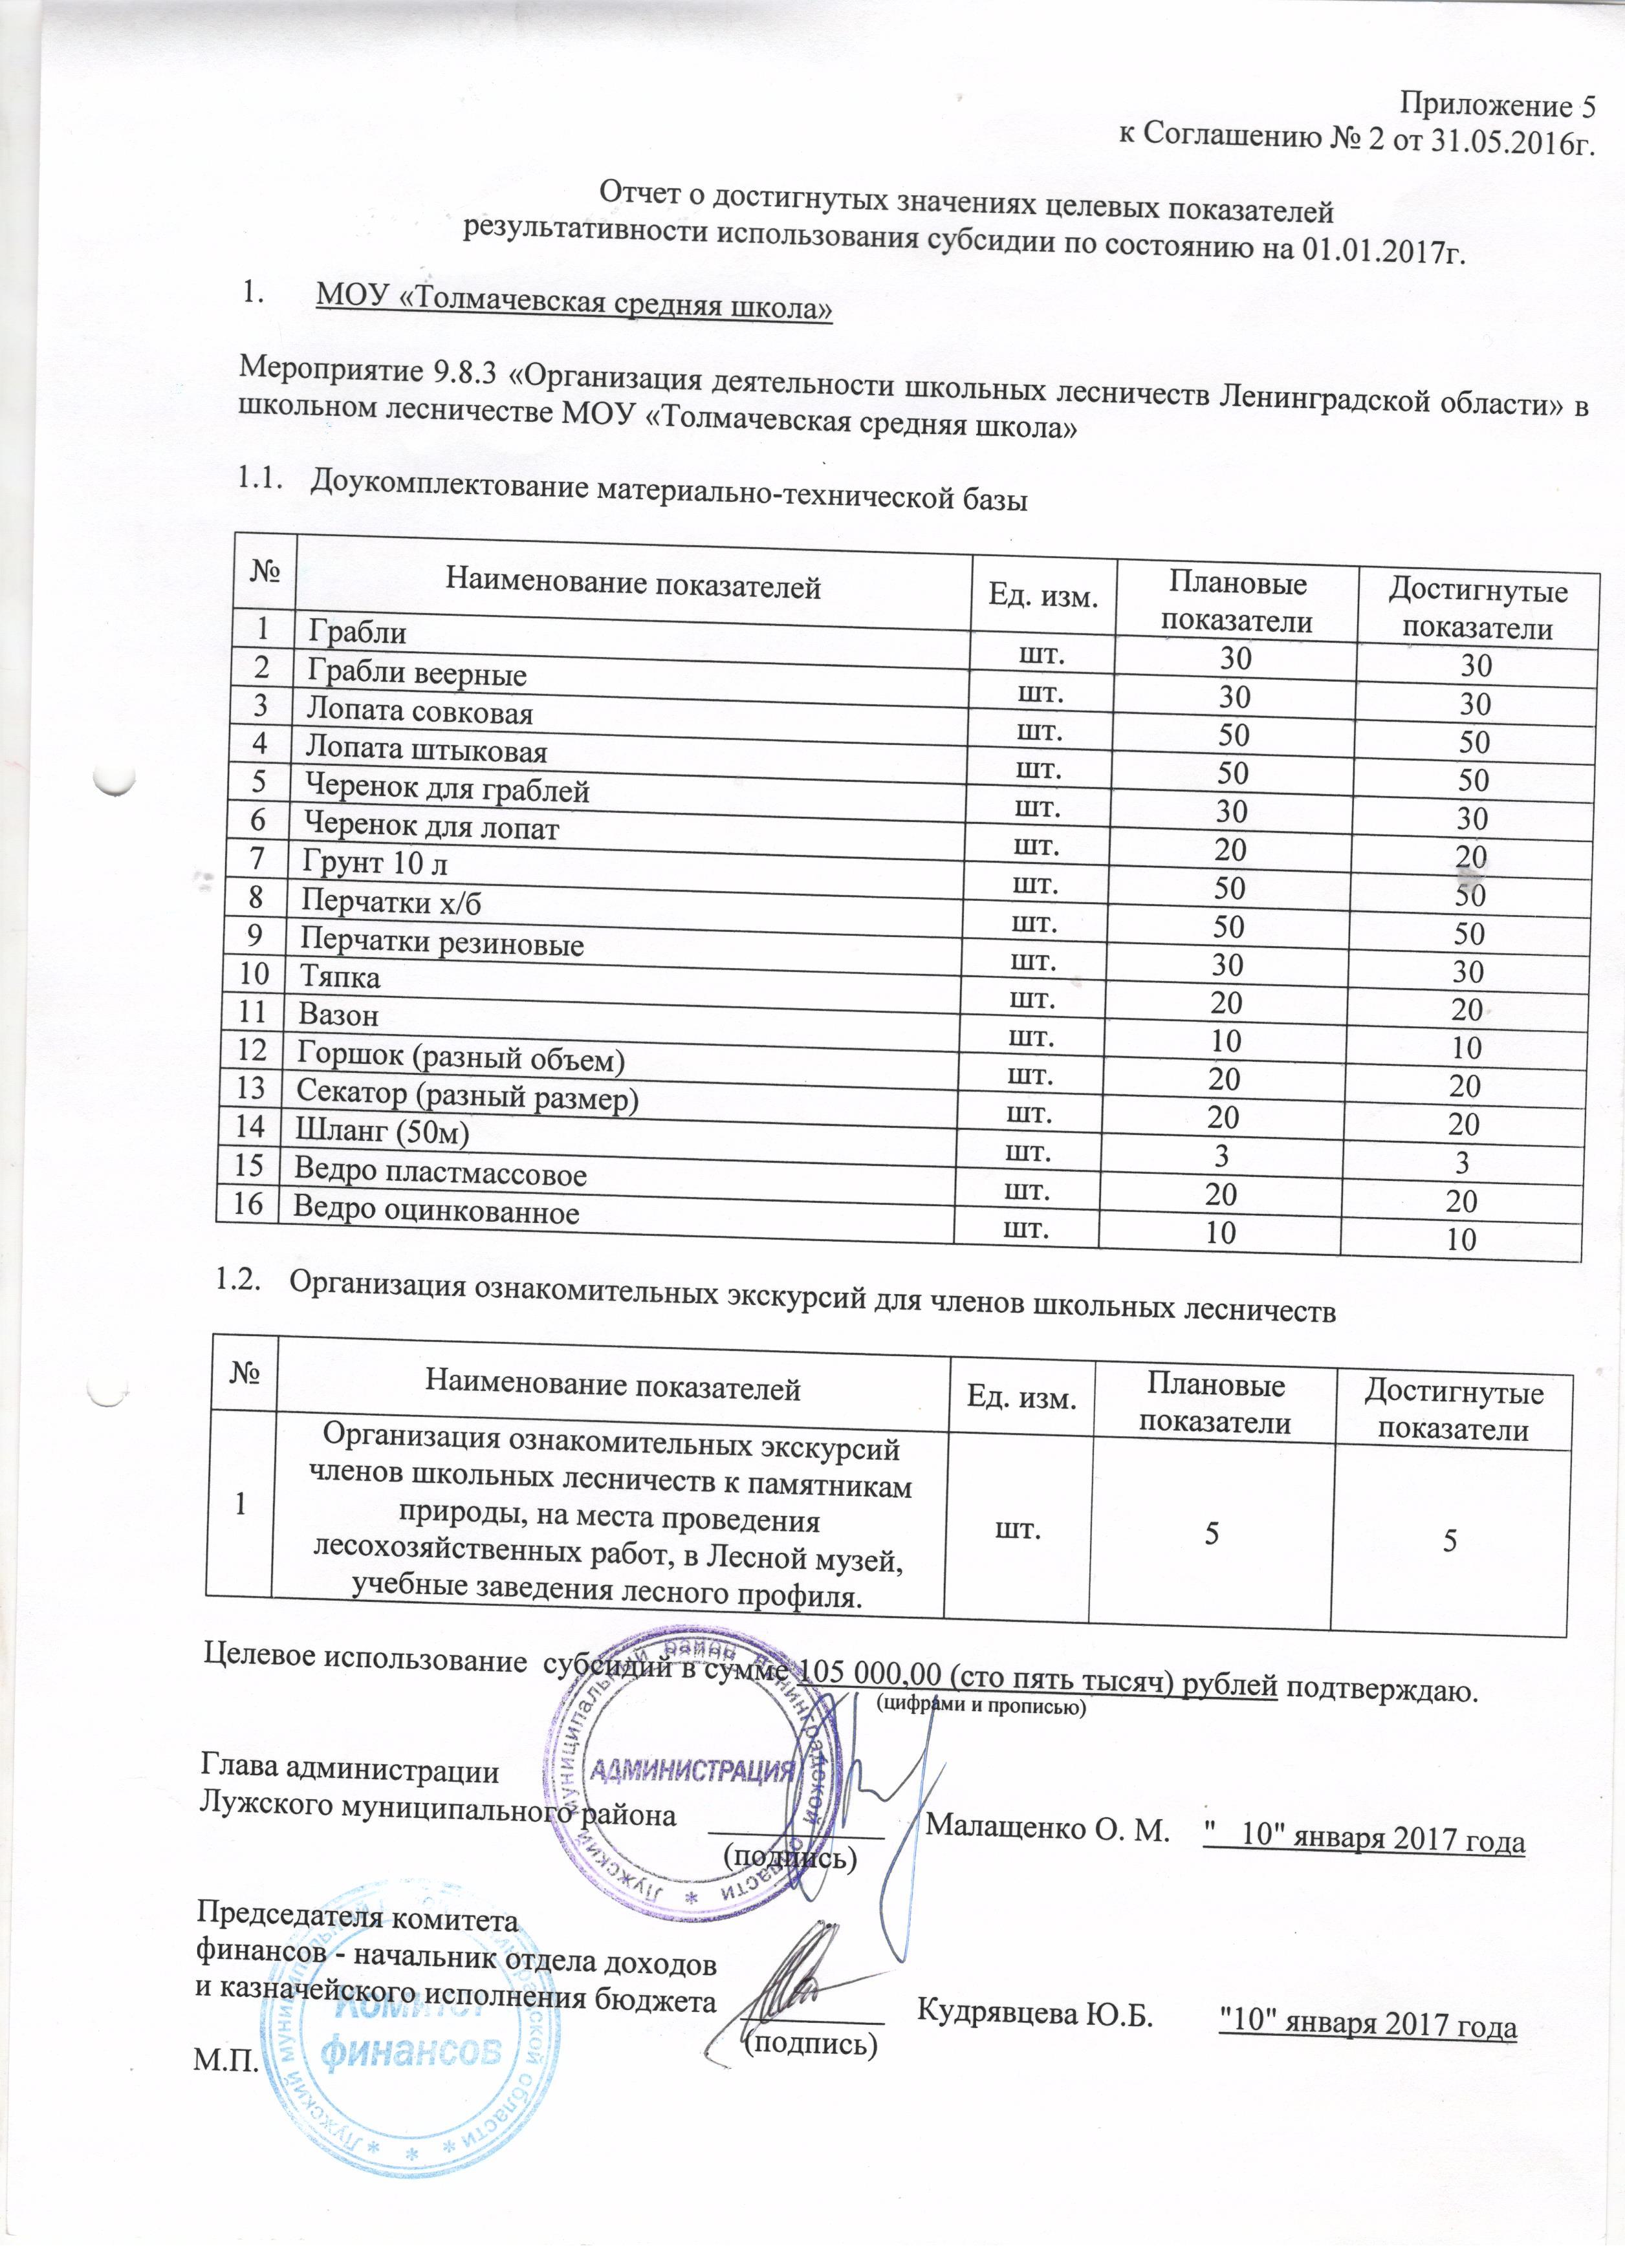 Справка для работы в МО для иностр граждан Дубровка (14 линия) санкт - петербургская педиатрическая медицинская акдемия